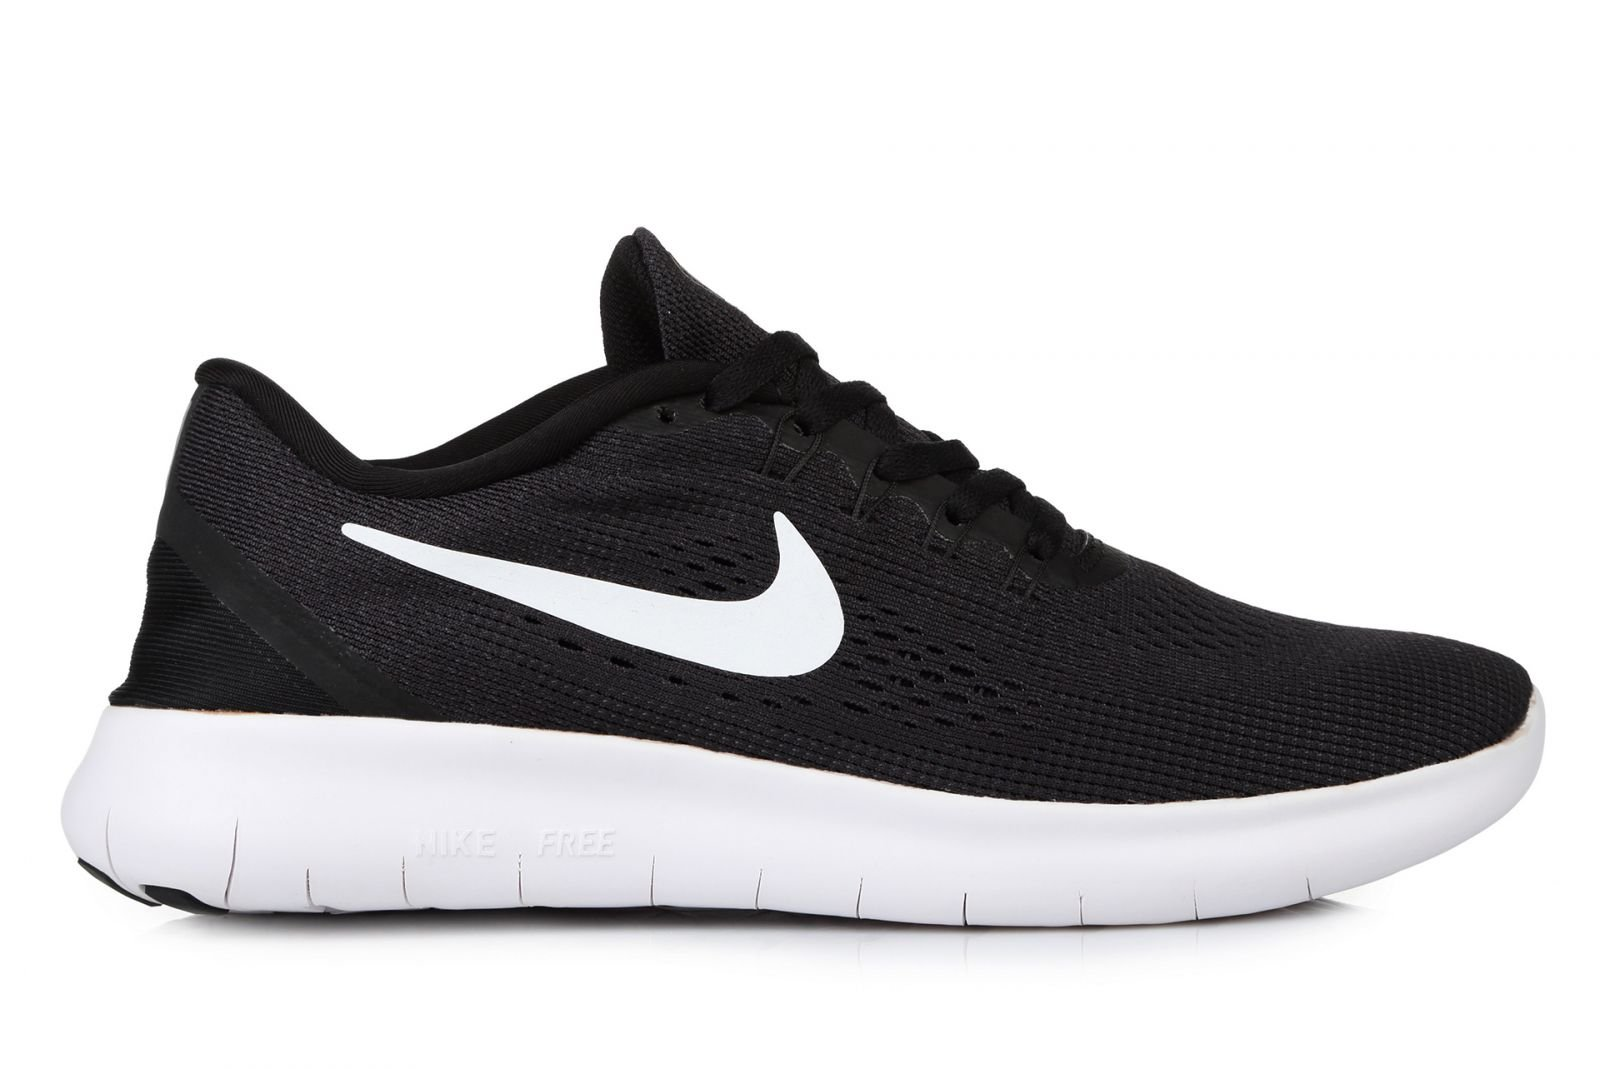 829c582f Nike Free Run Flyknit 5.0 Pink, купить обувь Найк в Киеве: цена ...